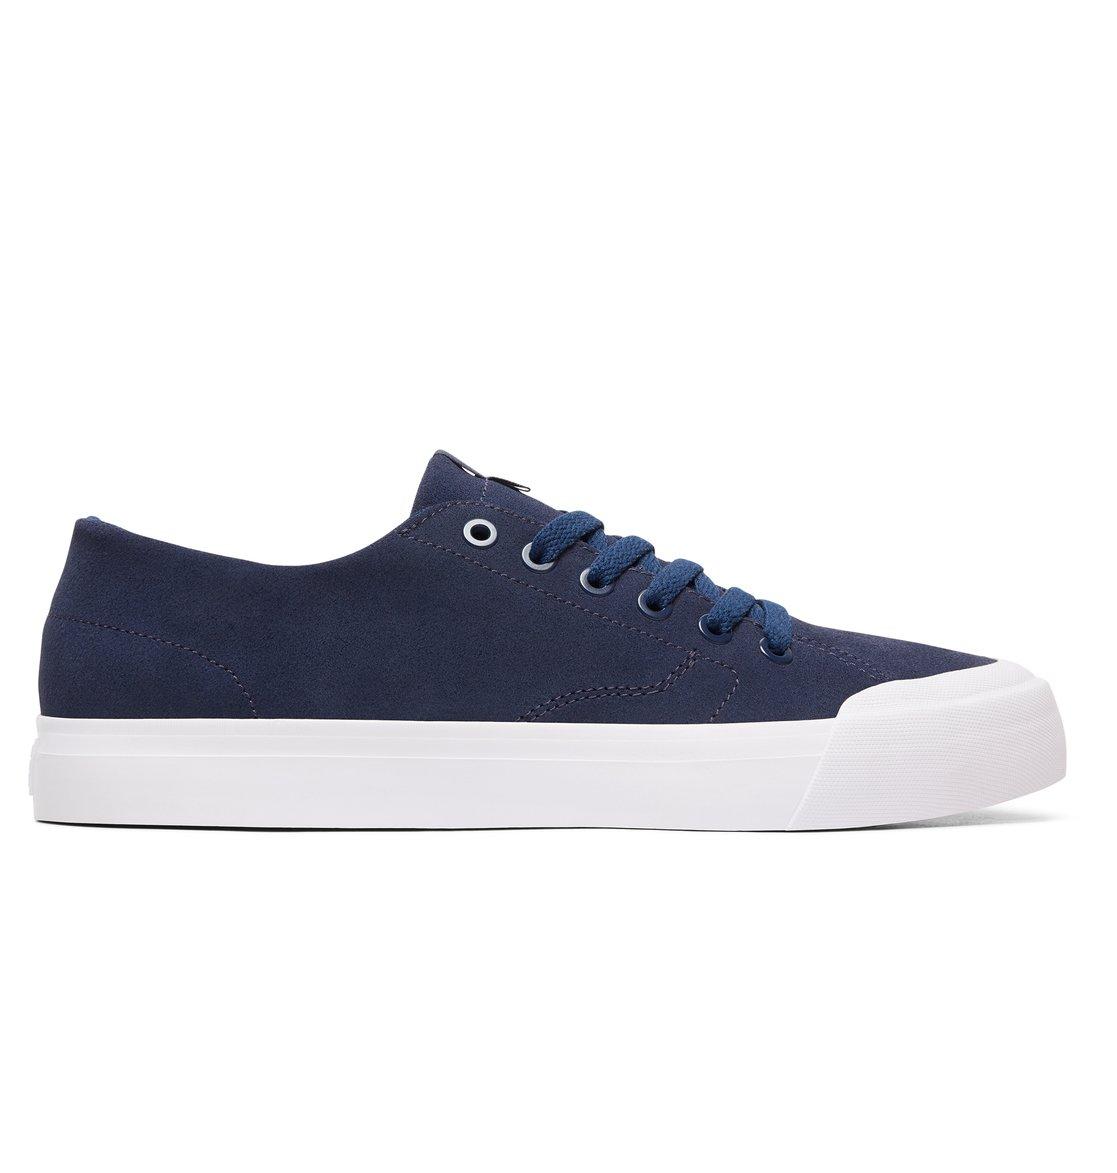 608abc6895d DC Shoes Evan LO Zero - Baskets - Homme - EU 42 - Bleu. Baskets pour homme.